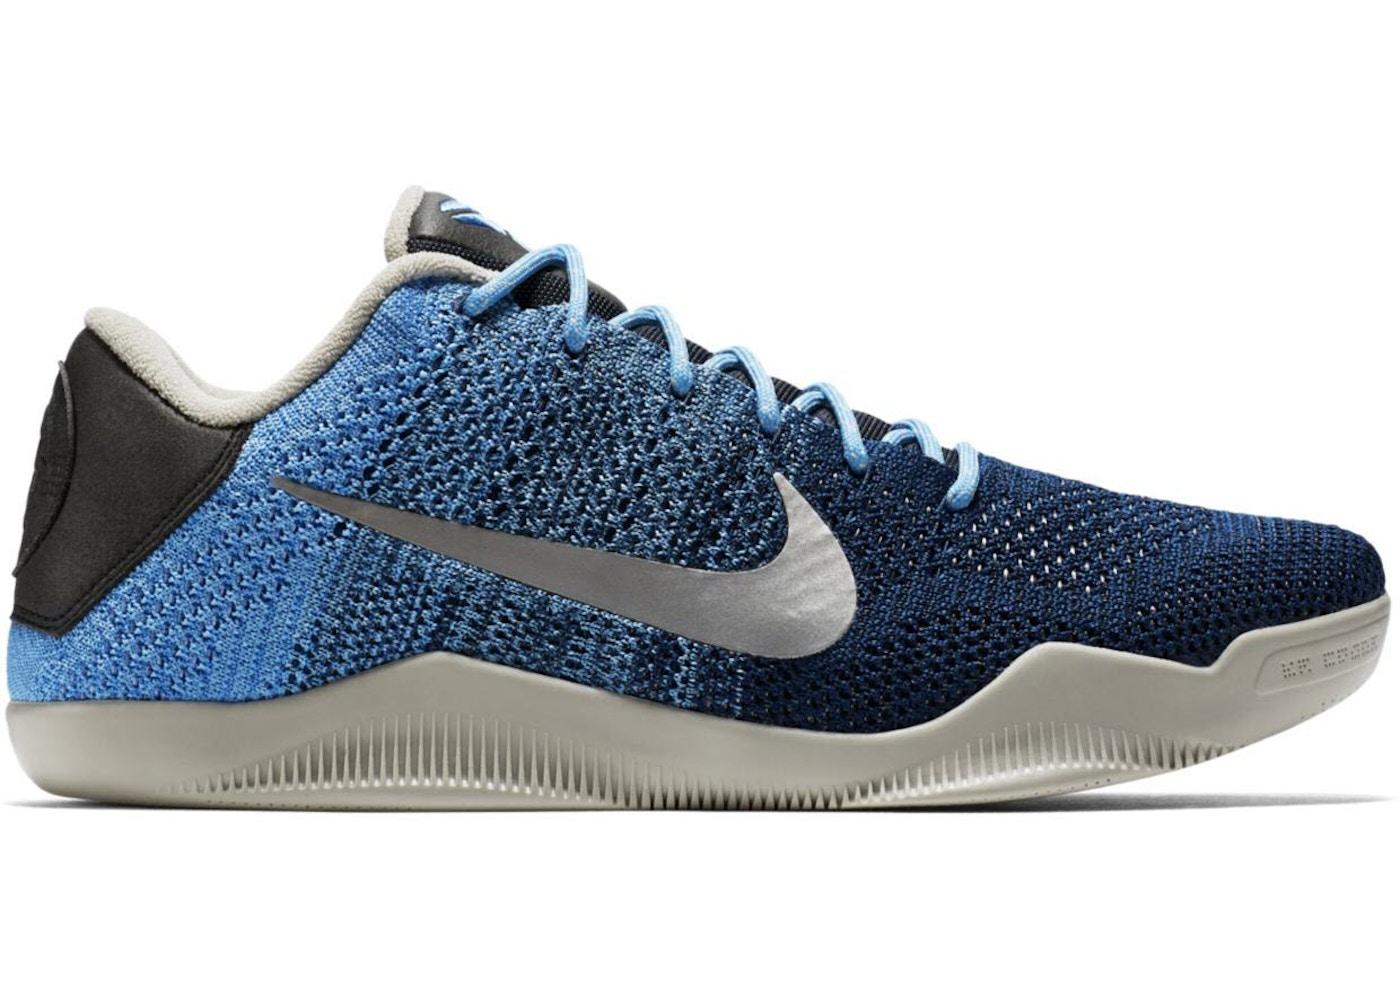 newest f219e 28567 Buy Nike Kobe Shoes   Deadstock Sneakers